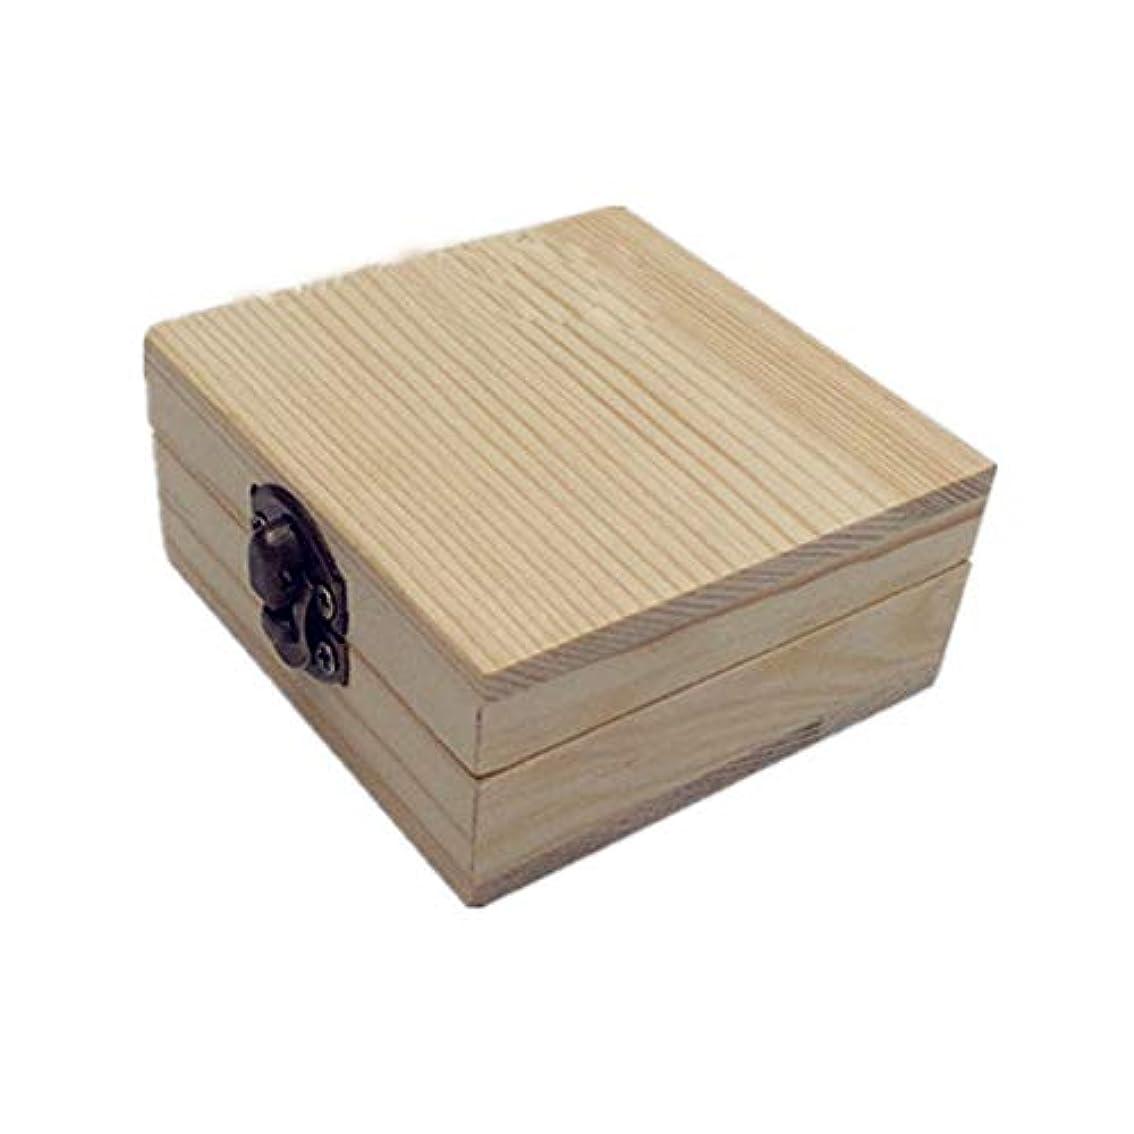 キャッシュ麻酔薬抽出エッセンシャルオイル収納ボックス エッセンシャルオイルのボトル2本は、木材のオイルボックスのオイル完璧なケースに適用されます 丈夫で持ち運びが簡単 (色 : Natural, サイズ : 7X7X3.5CM)